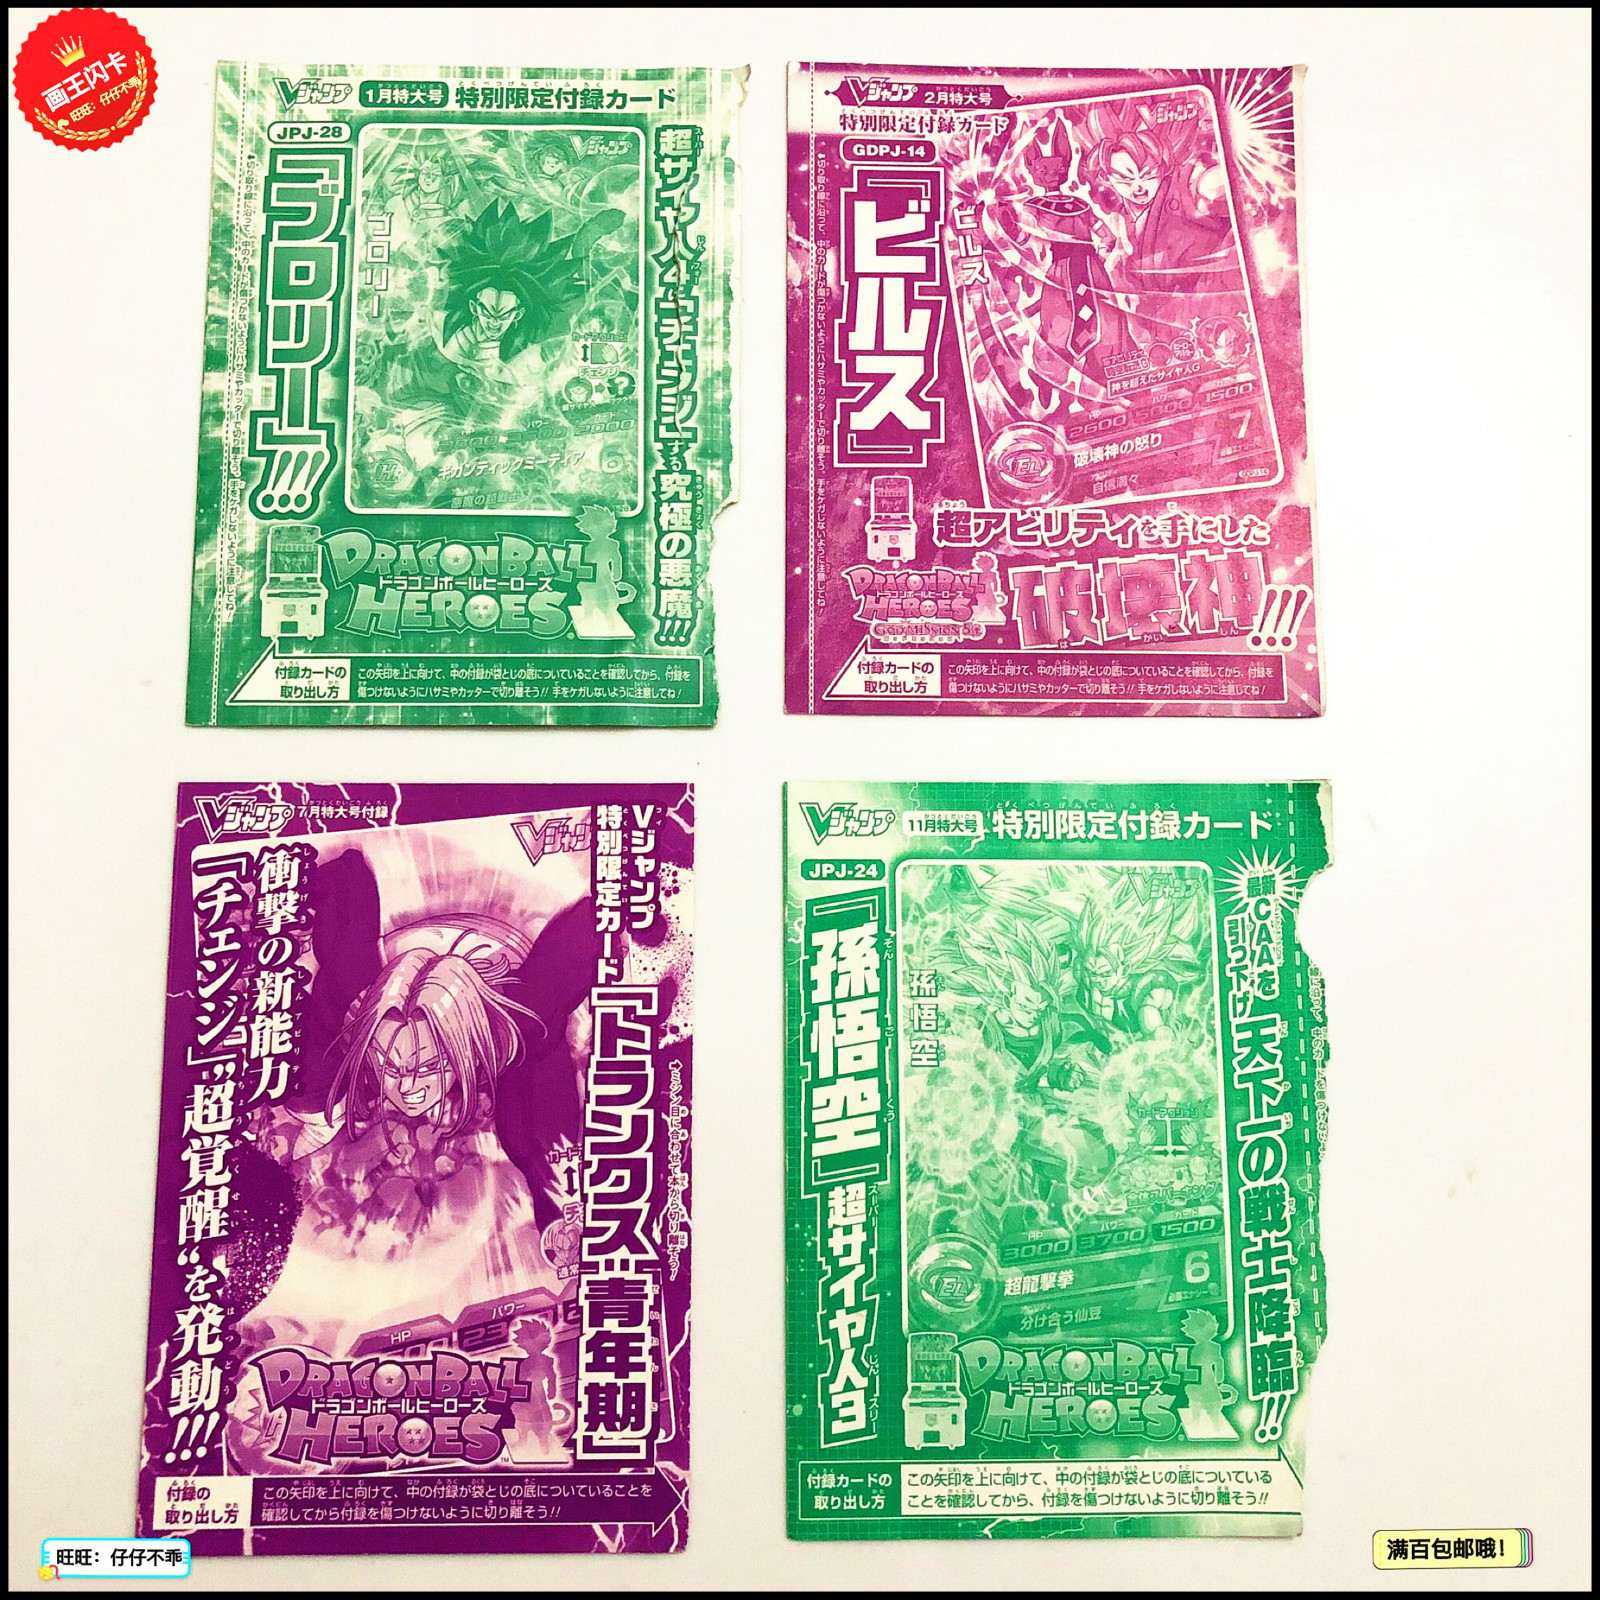 Japan Original Dragon Ball Hero Card JPJ Goku Toys Hobbies Collectibles Game Collection Anime Cards